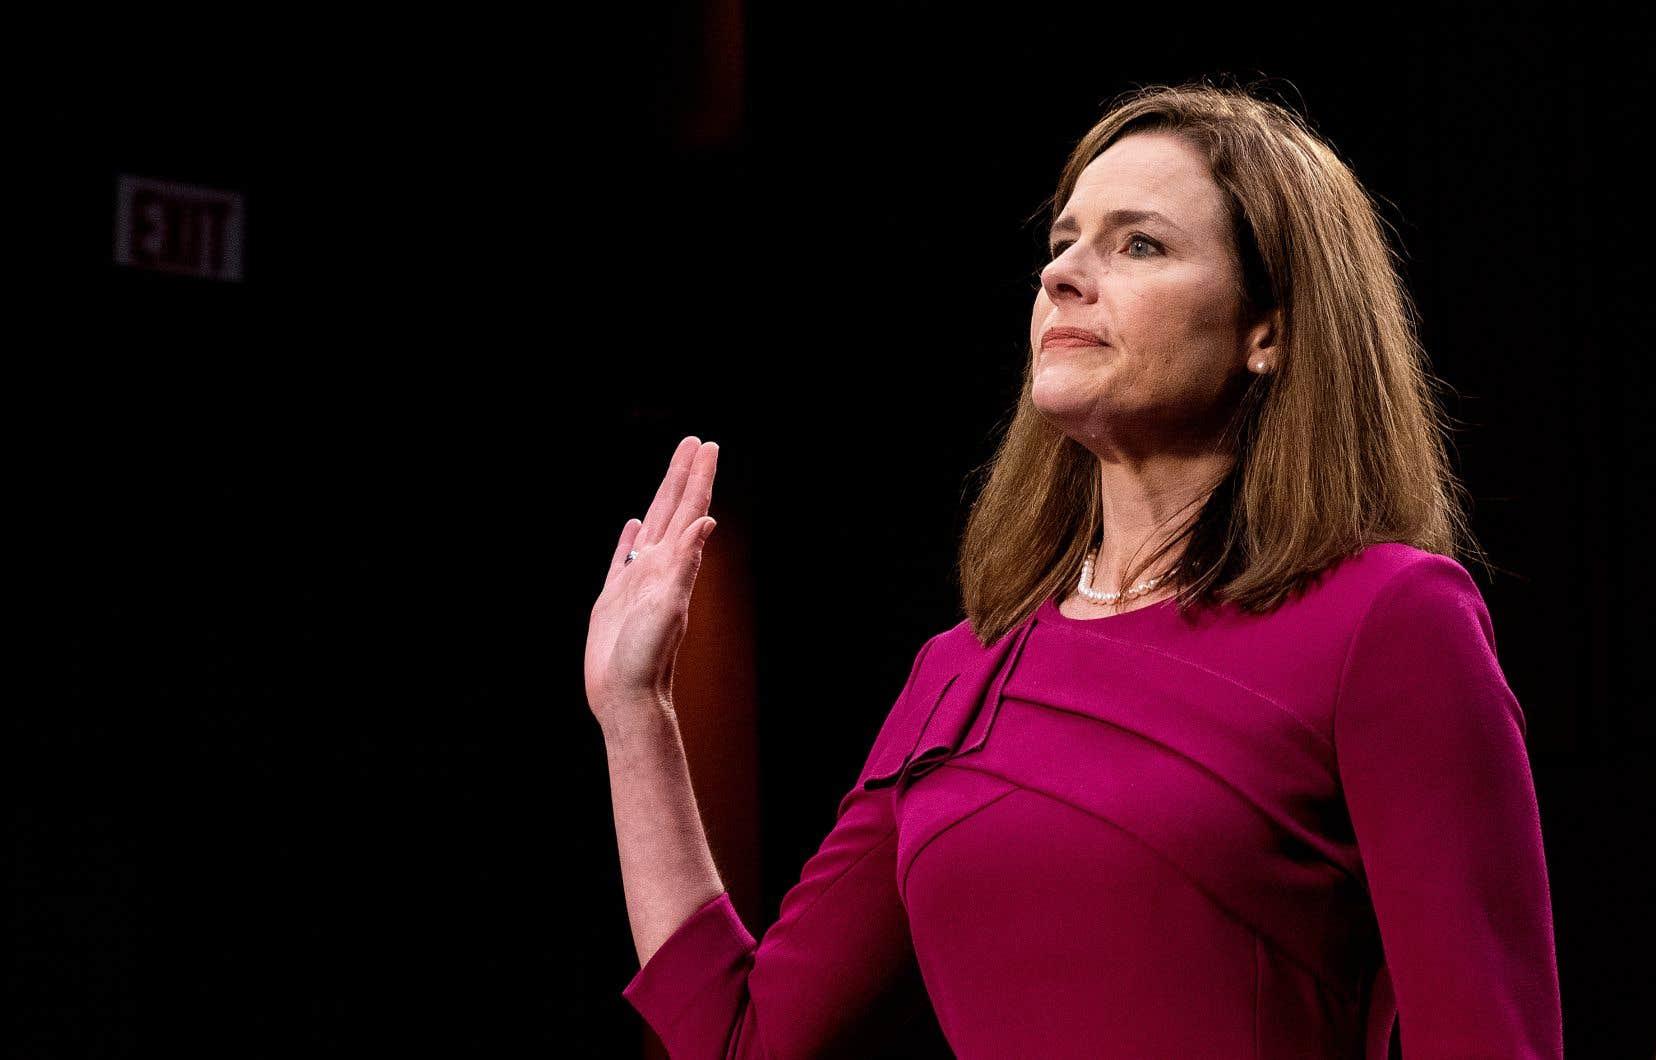 La juge Amy Coney Barrett a été nommée fin septembre par le président républicain et devrait assurer une majorité conservatrice à la Cour suprême des États-Unis. Son audition par le Sénat, si près de l'élection présidentielle, est critiquée par les démocrates.